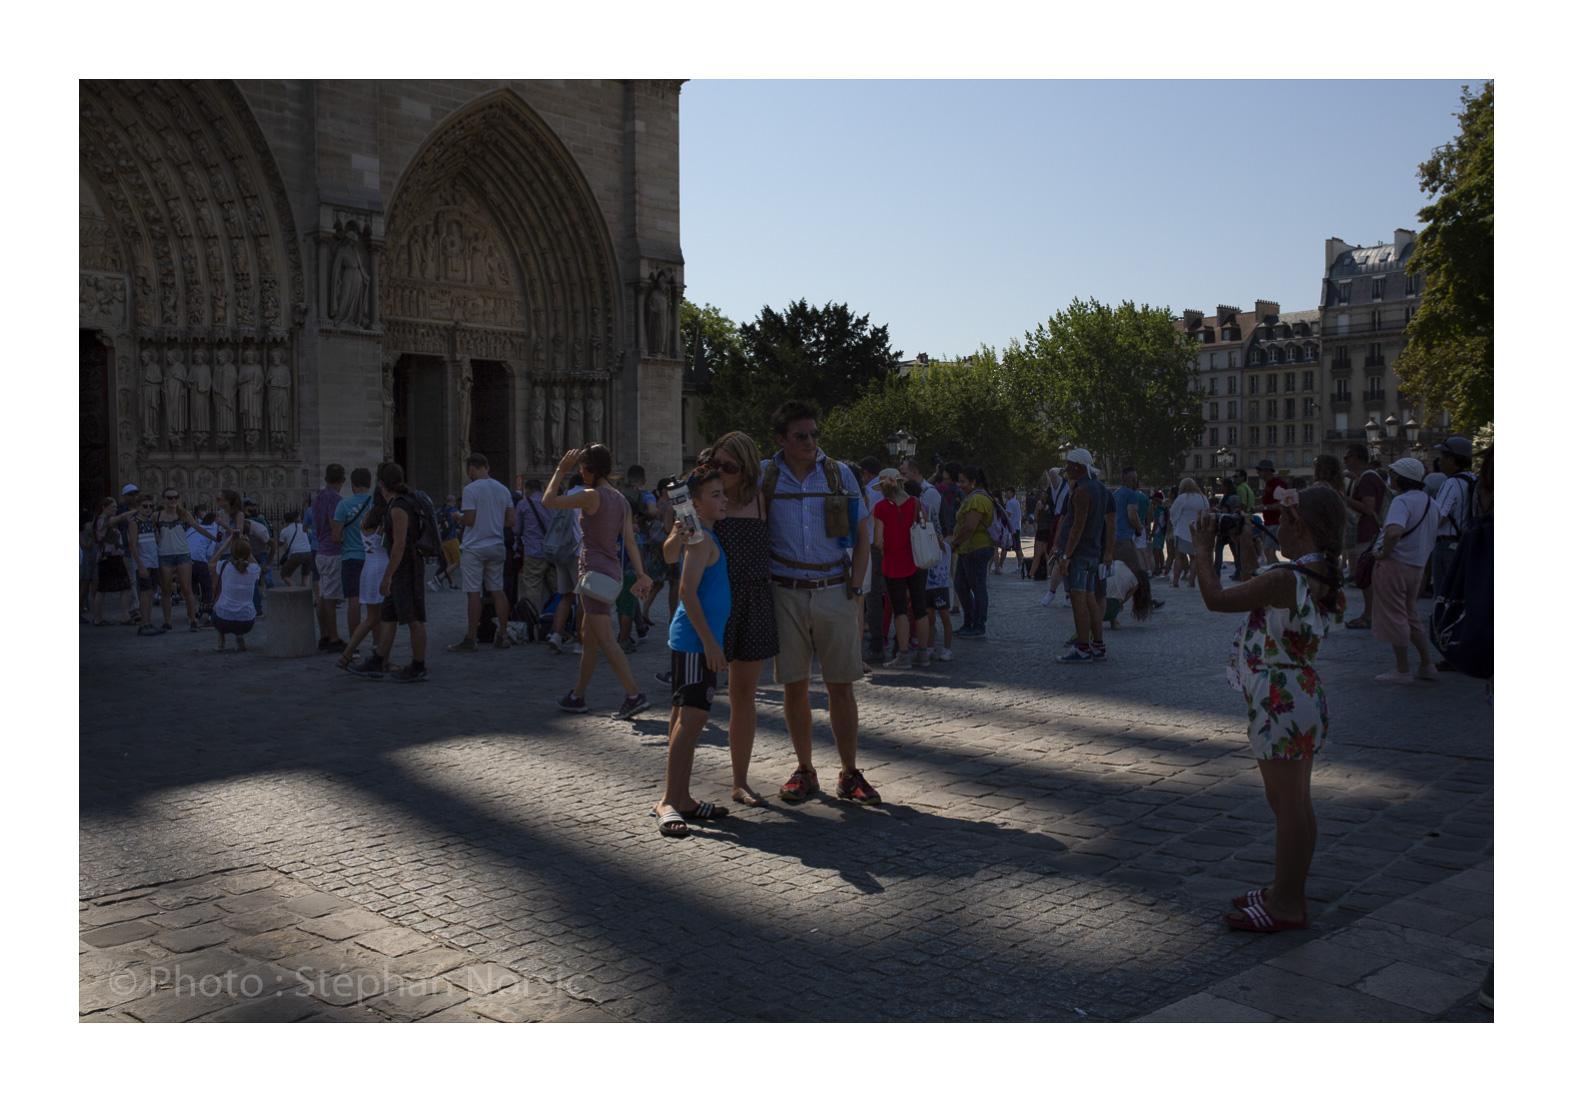 Stephan-Norsic-Paris-0200 (1)